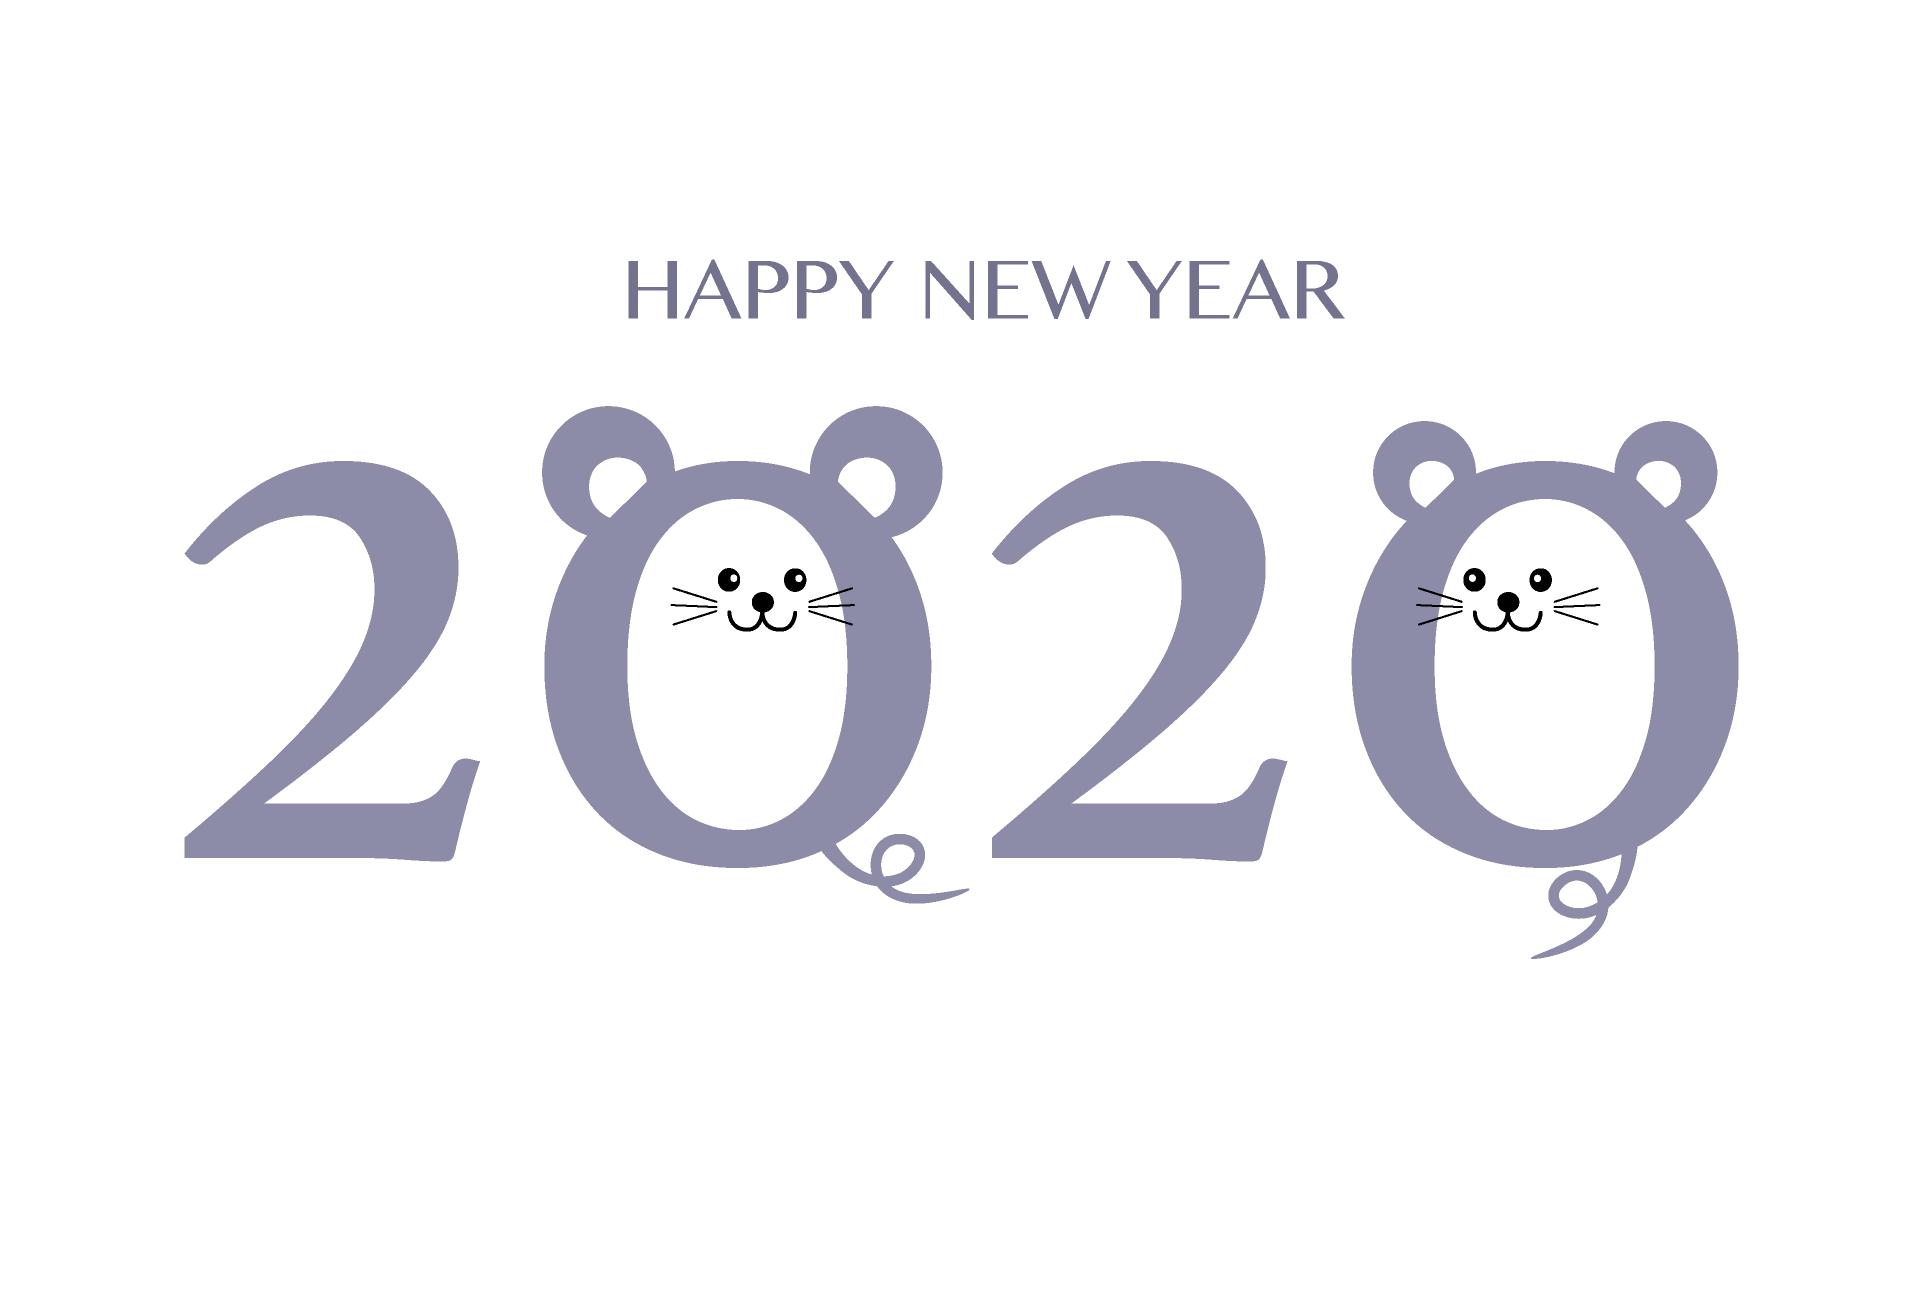 2020 ねずみ 年